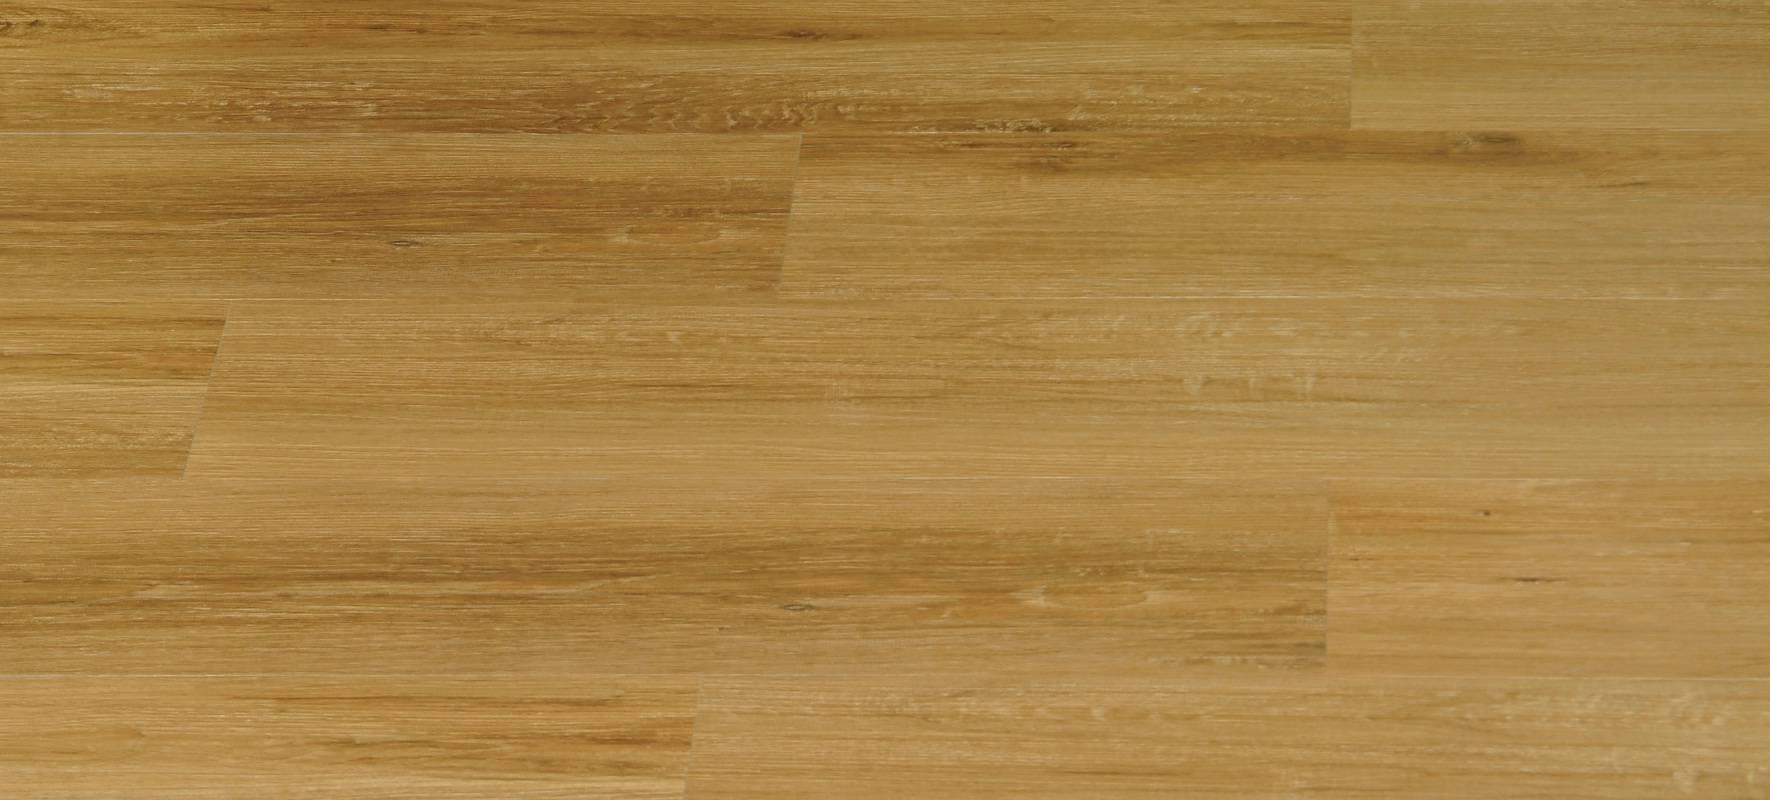 Unideco Luxury Vinyl Tile 6062